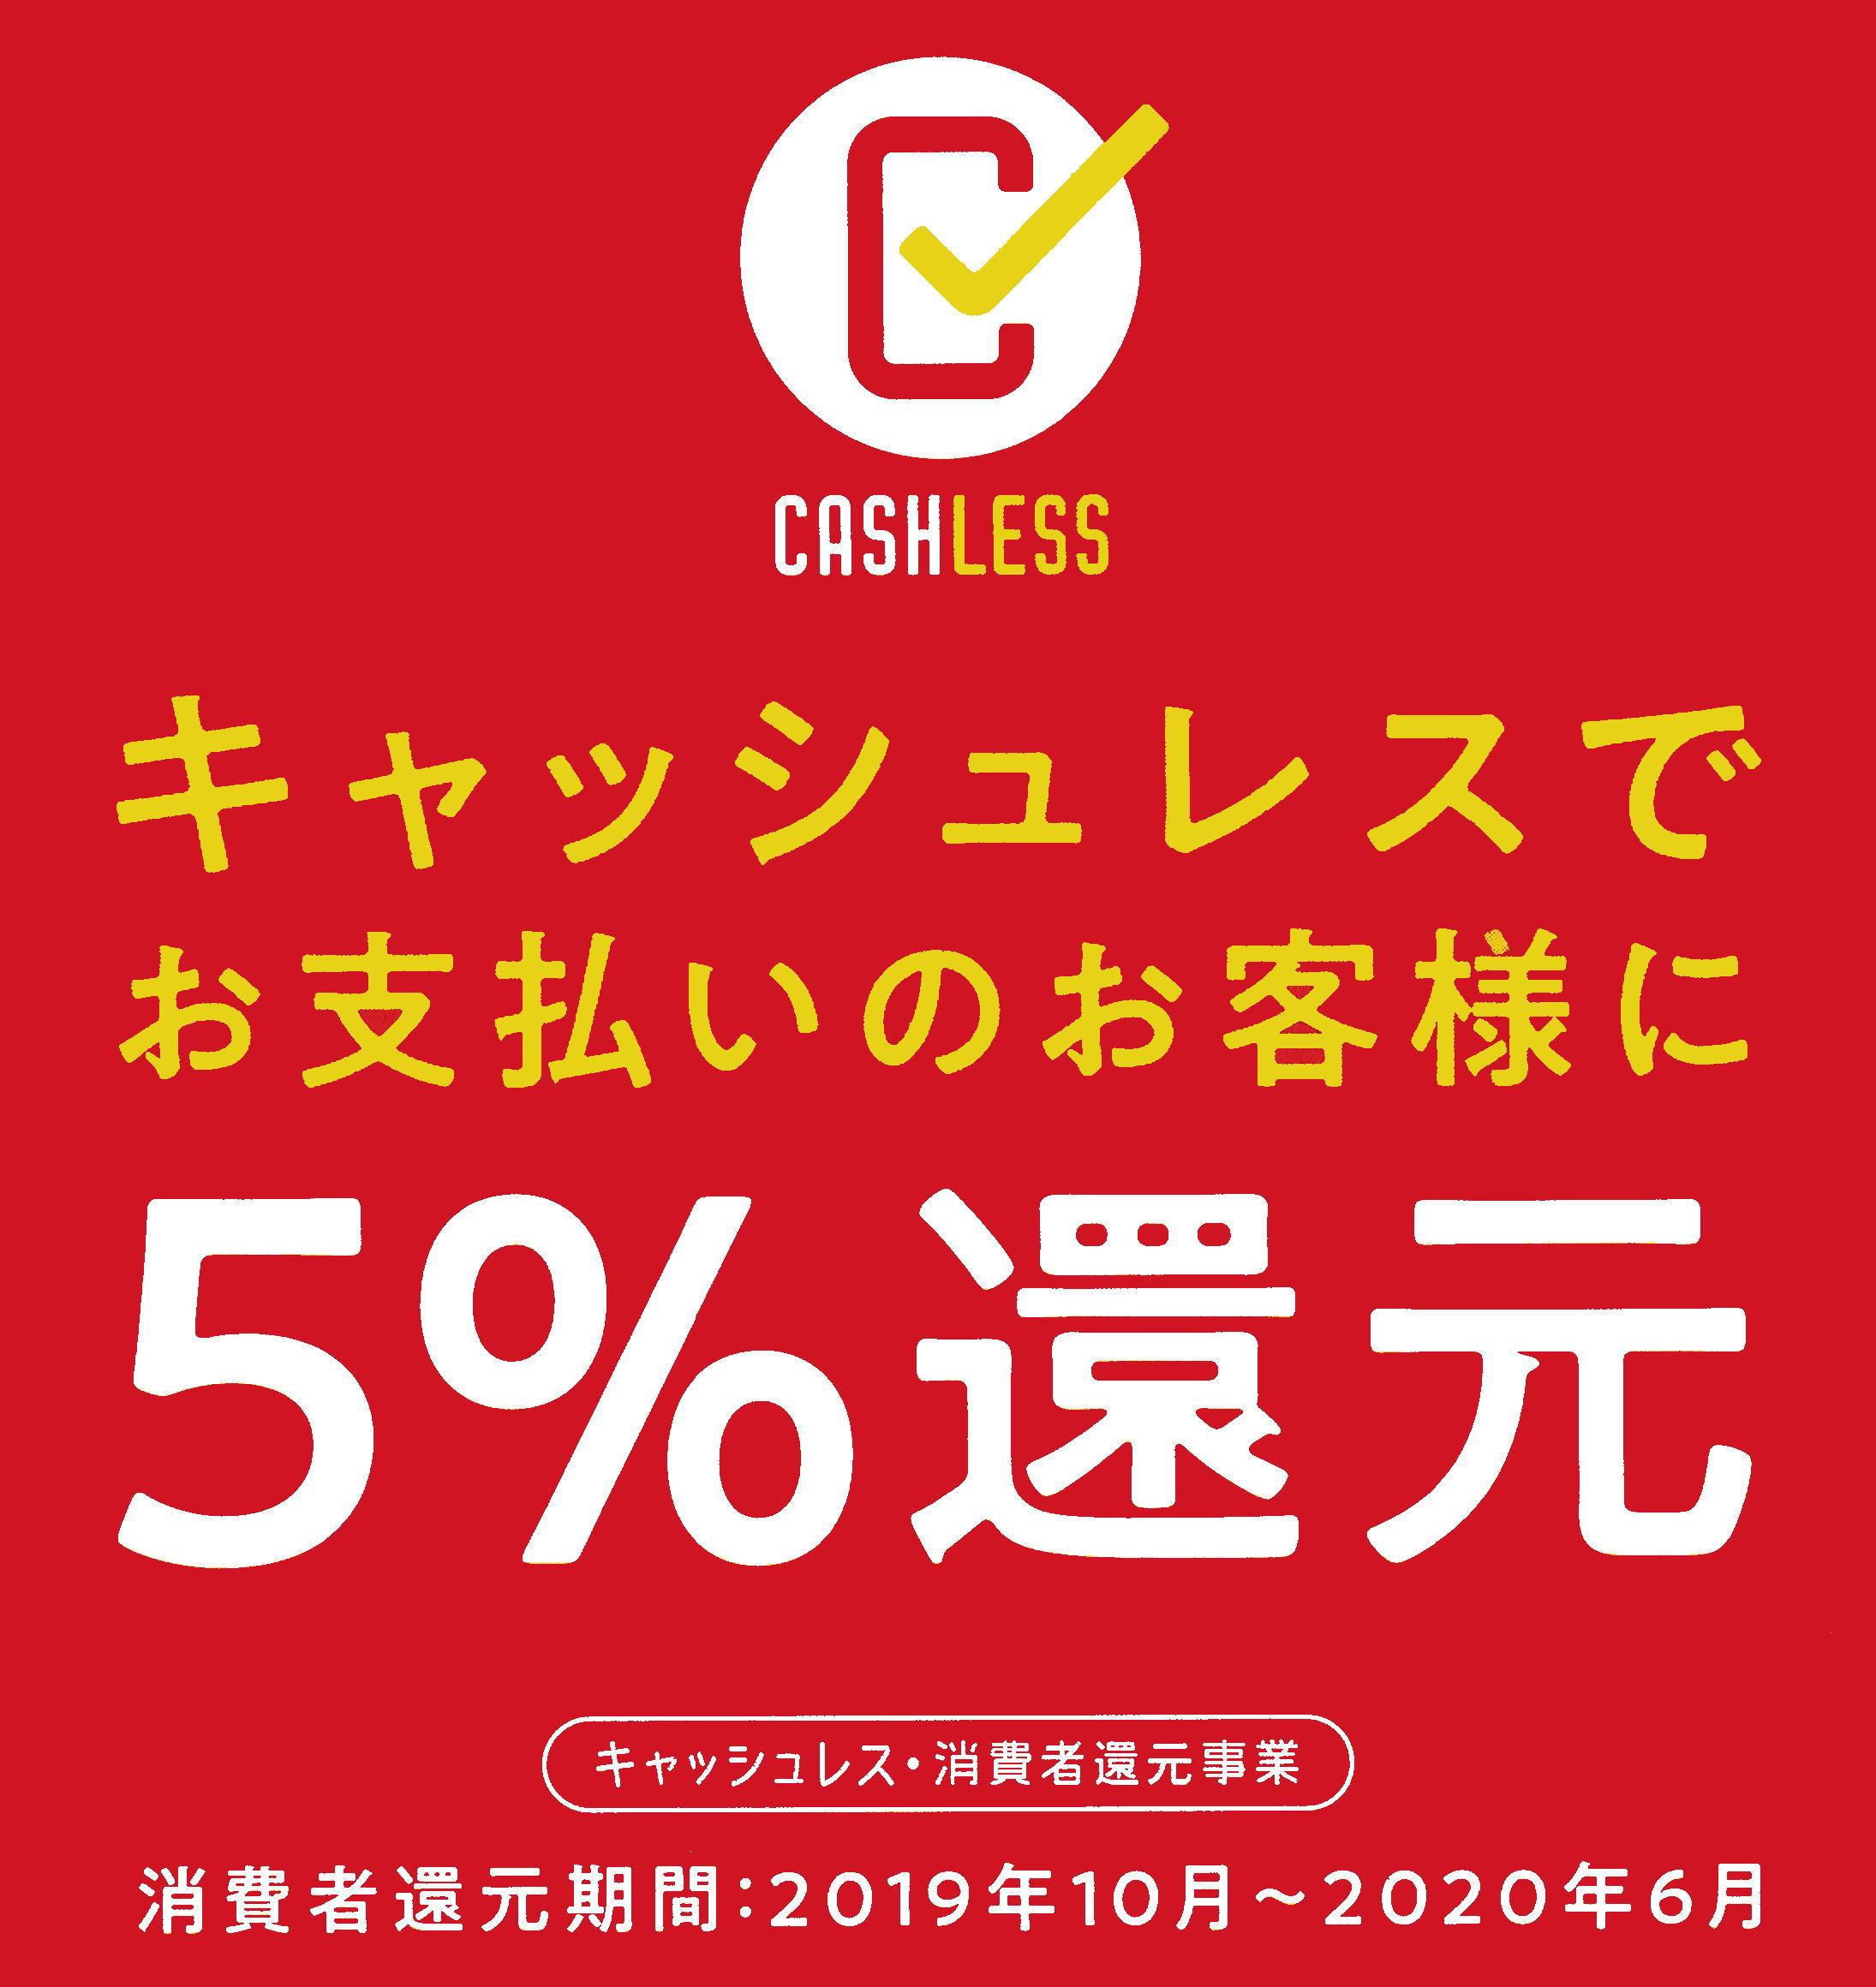 キャッシュレス5%還元事業に参加しています。_f0251601_10034810.jpg